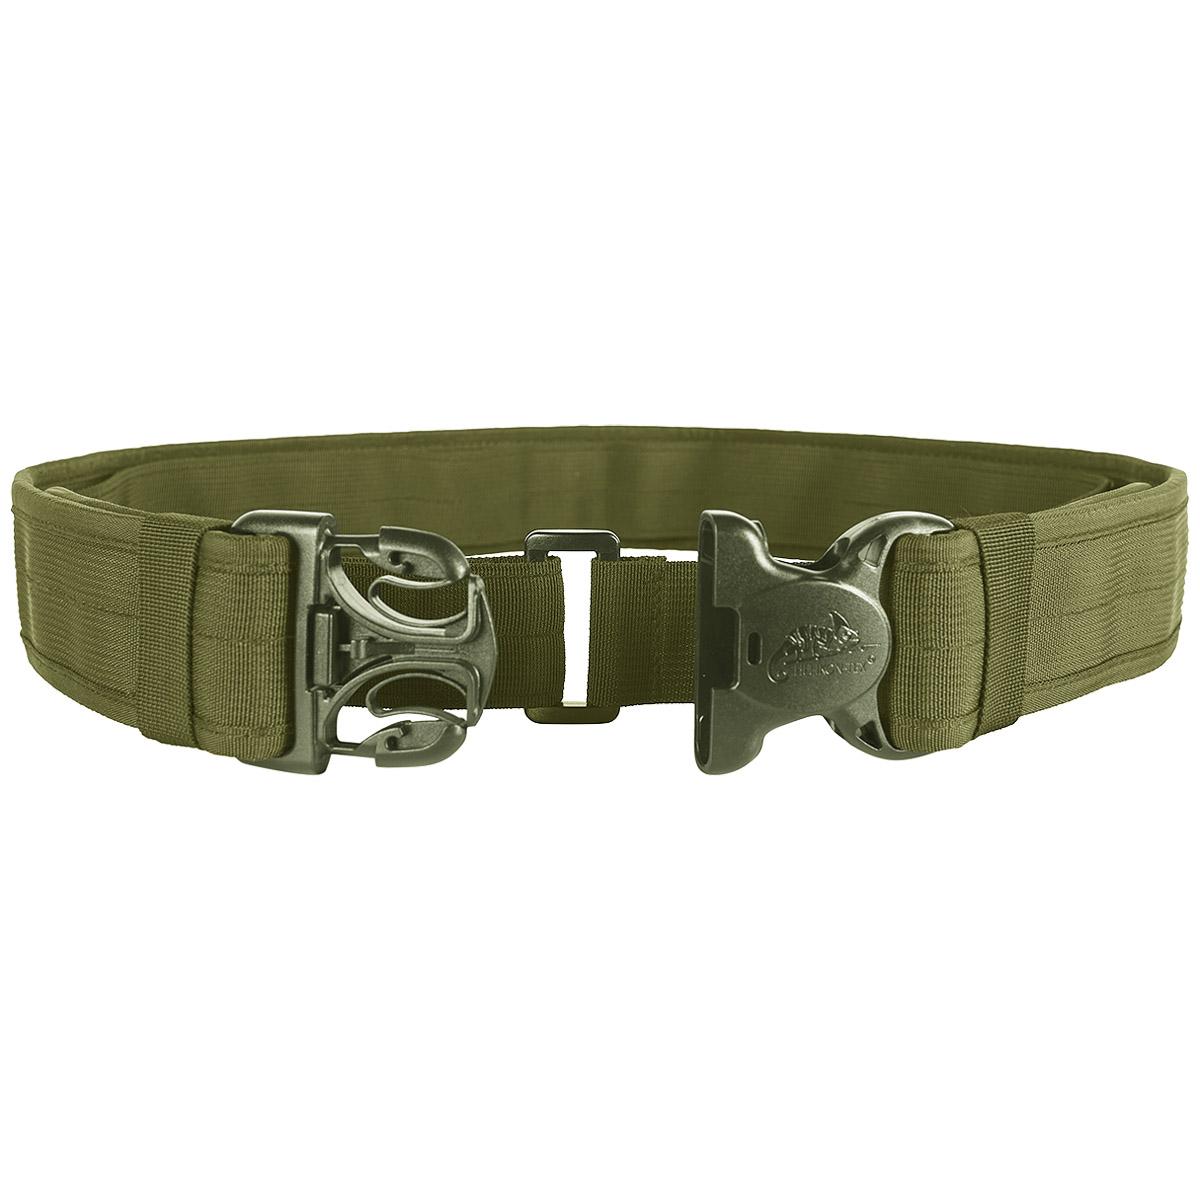 Helikon Tactical Defender Mens Belt Police Suspender Duraflex Buckle Olive Green